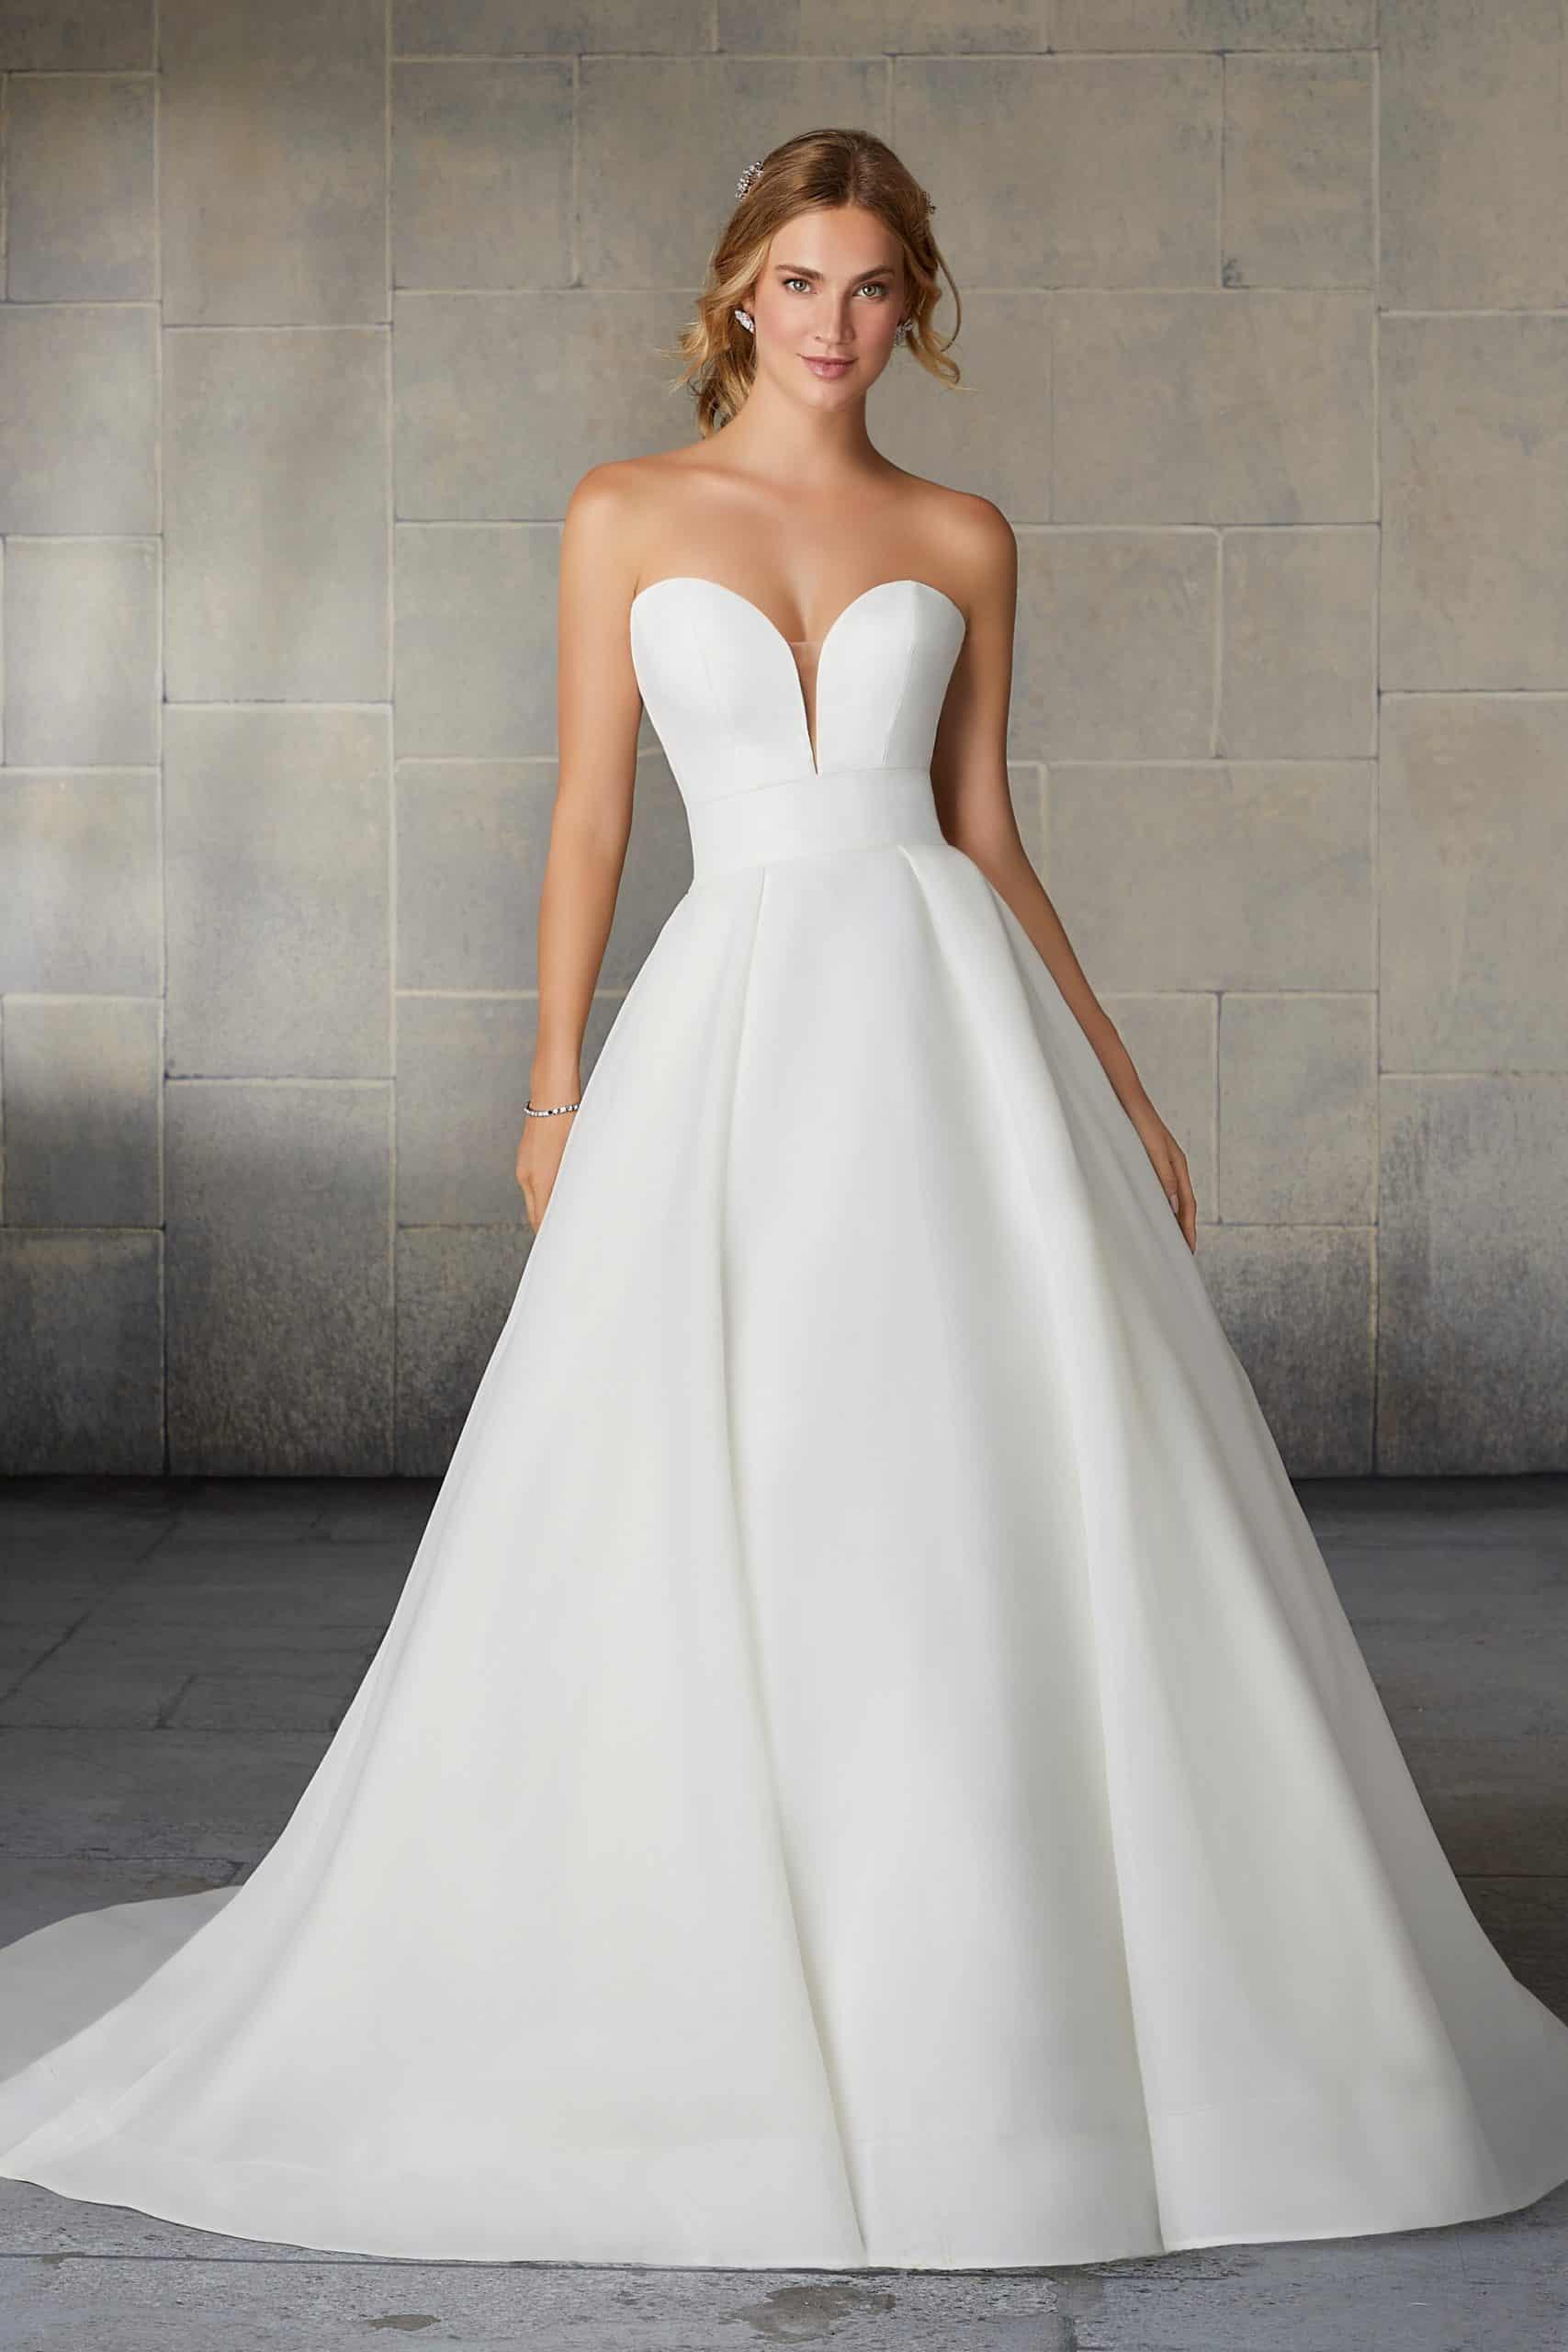 """Haute couture esküvői ruha a Morilee 2021 évi """"Reverie"""" kollekcióból. Elegáns menyasszonyi ruha szív alakú kivágással, hercegnő stílusú szoknyával hatalmas uszállyal. Style: Sadie/2138"""